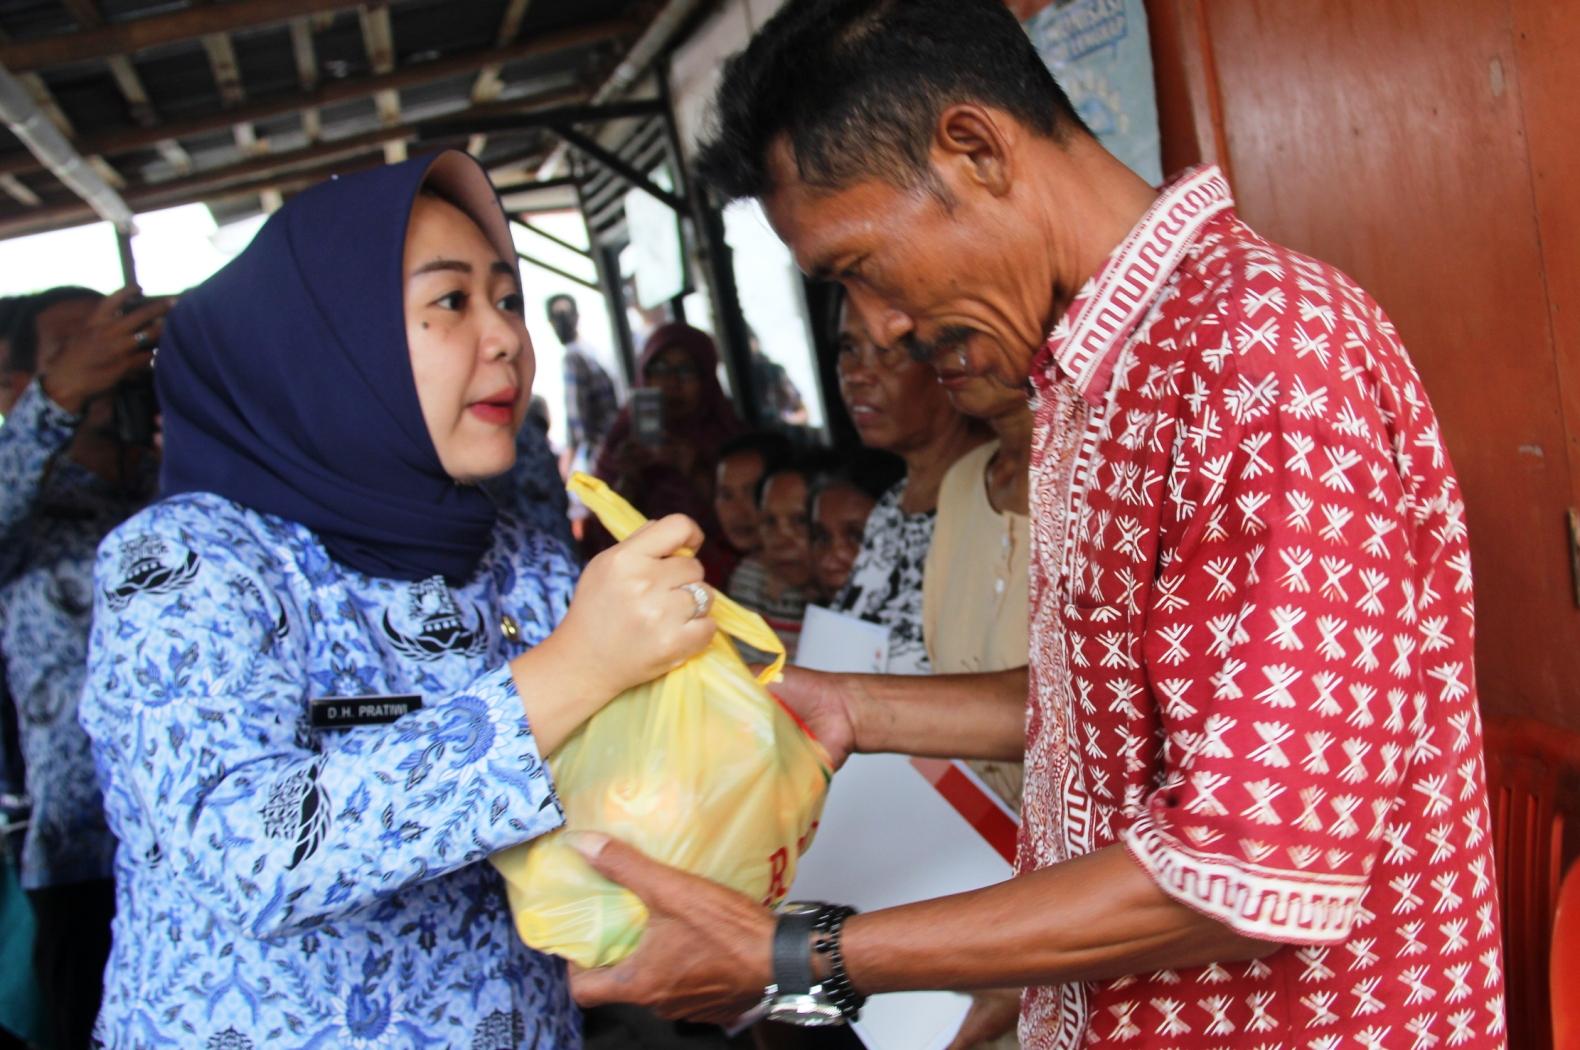 Plt. Bupati Tiwi Kunjungi Korban Kebakaran Kandanggampang